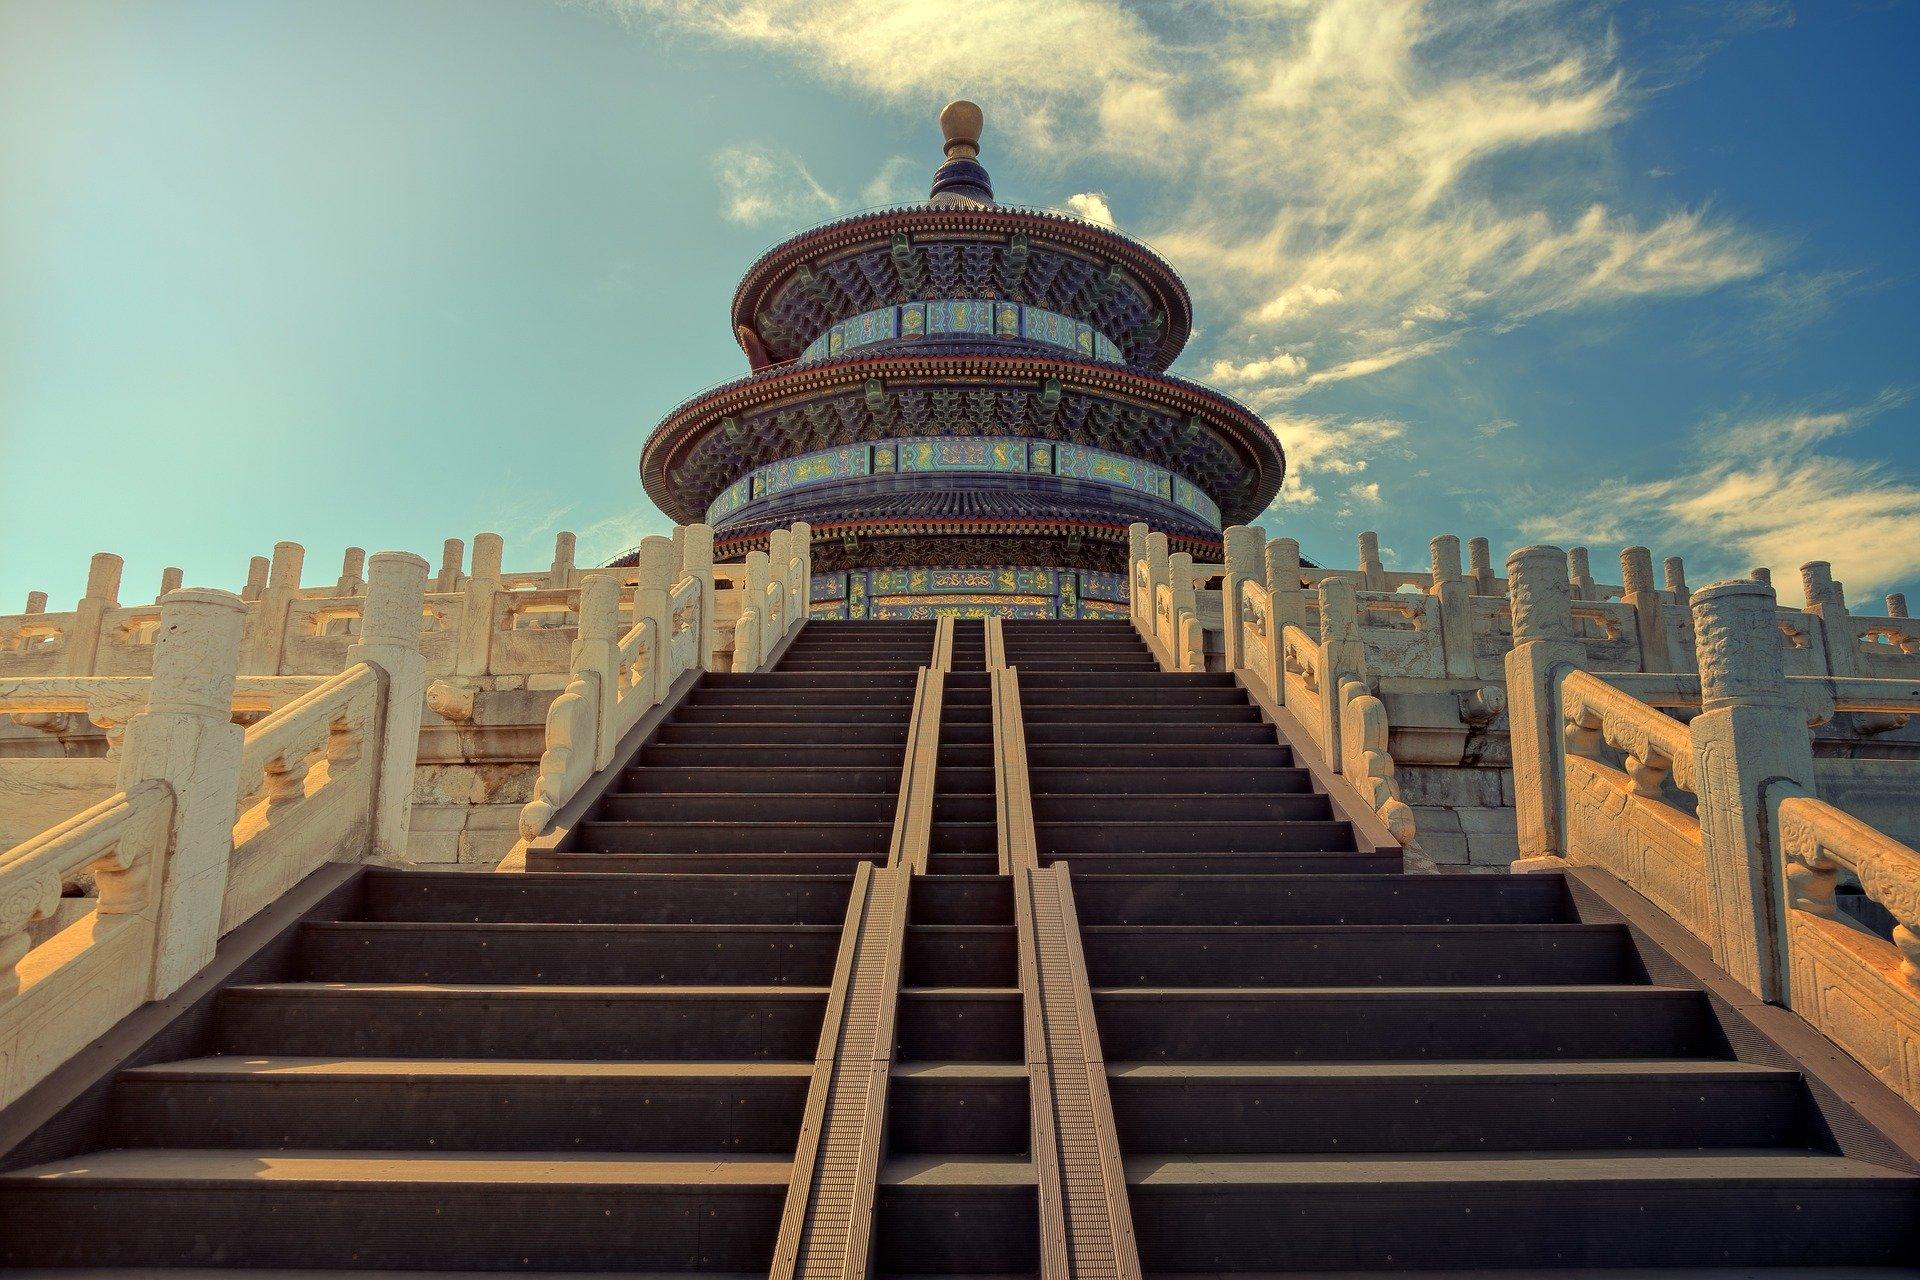 Aplicaciones móviles para aprender chino